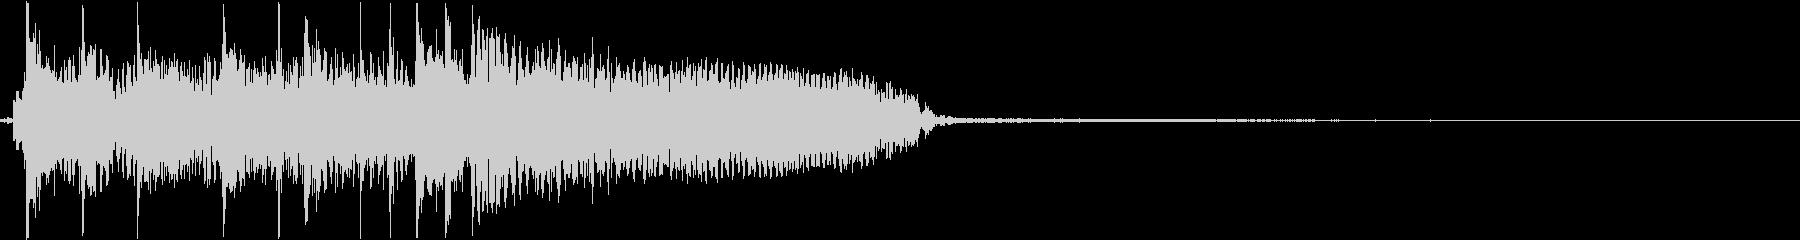 ハードロックギターリフのジングルの未再生の波形